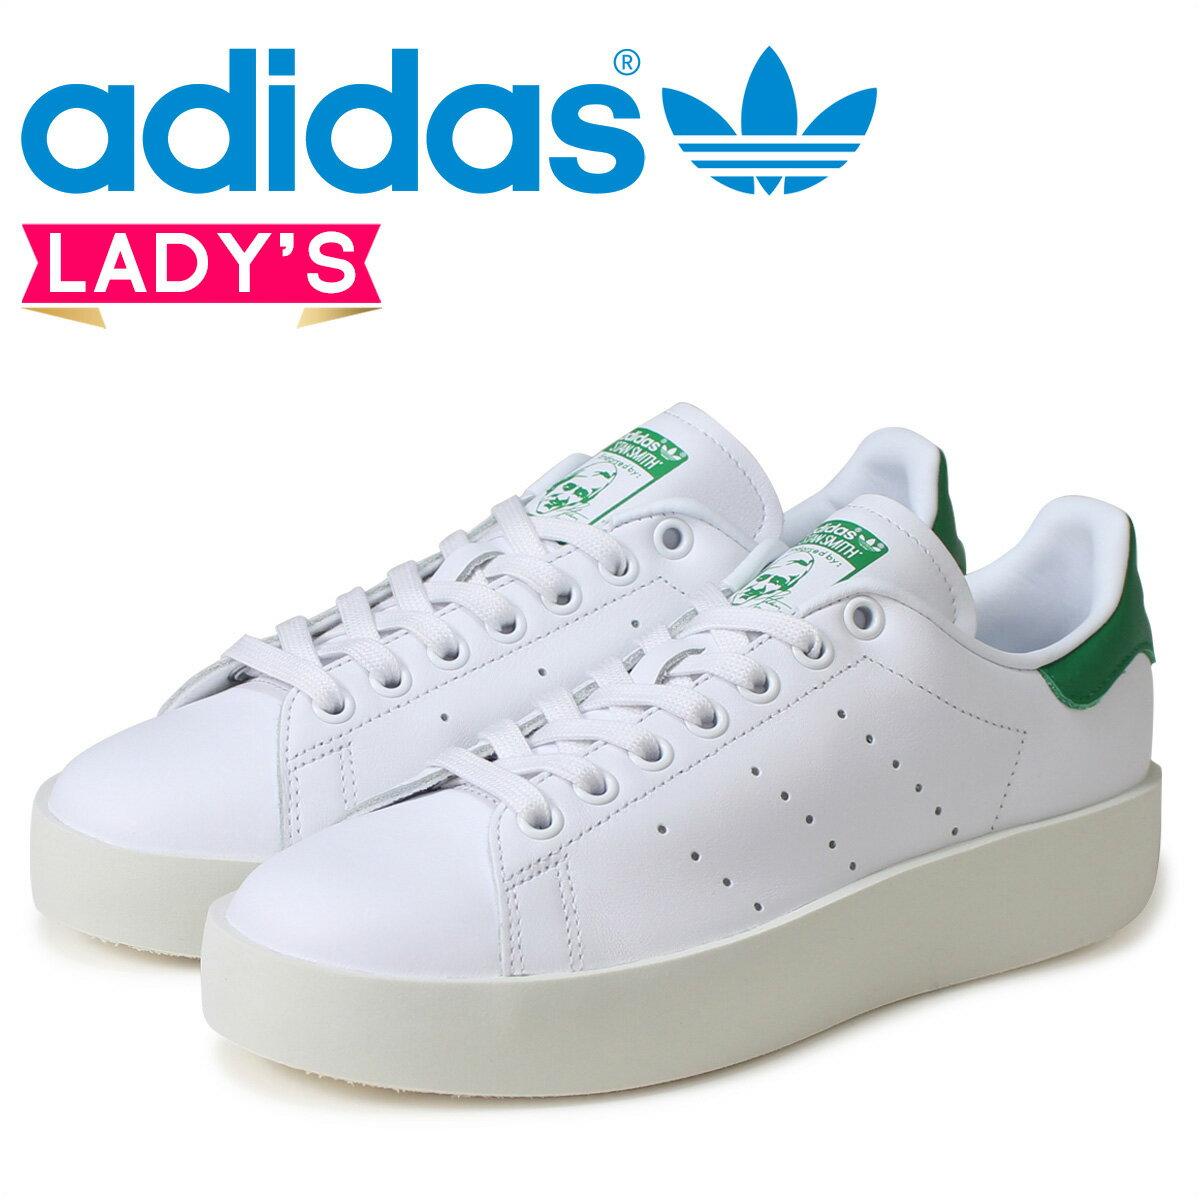 アディダス スタンスミス レディース adidas Originals スニーカー STAN SMITH BD W S32266 靴 ホワイト オリジナルス 【CLEARANCE】【返品不可】